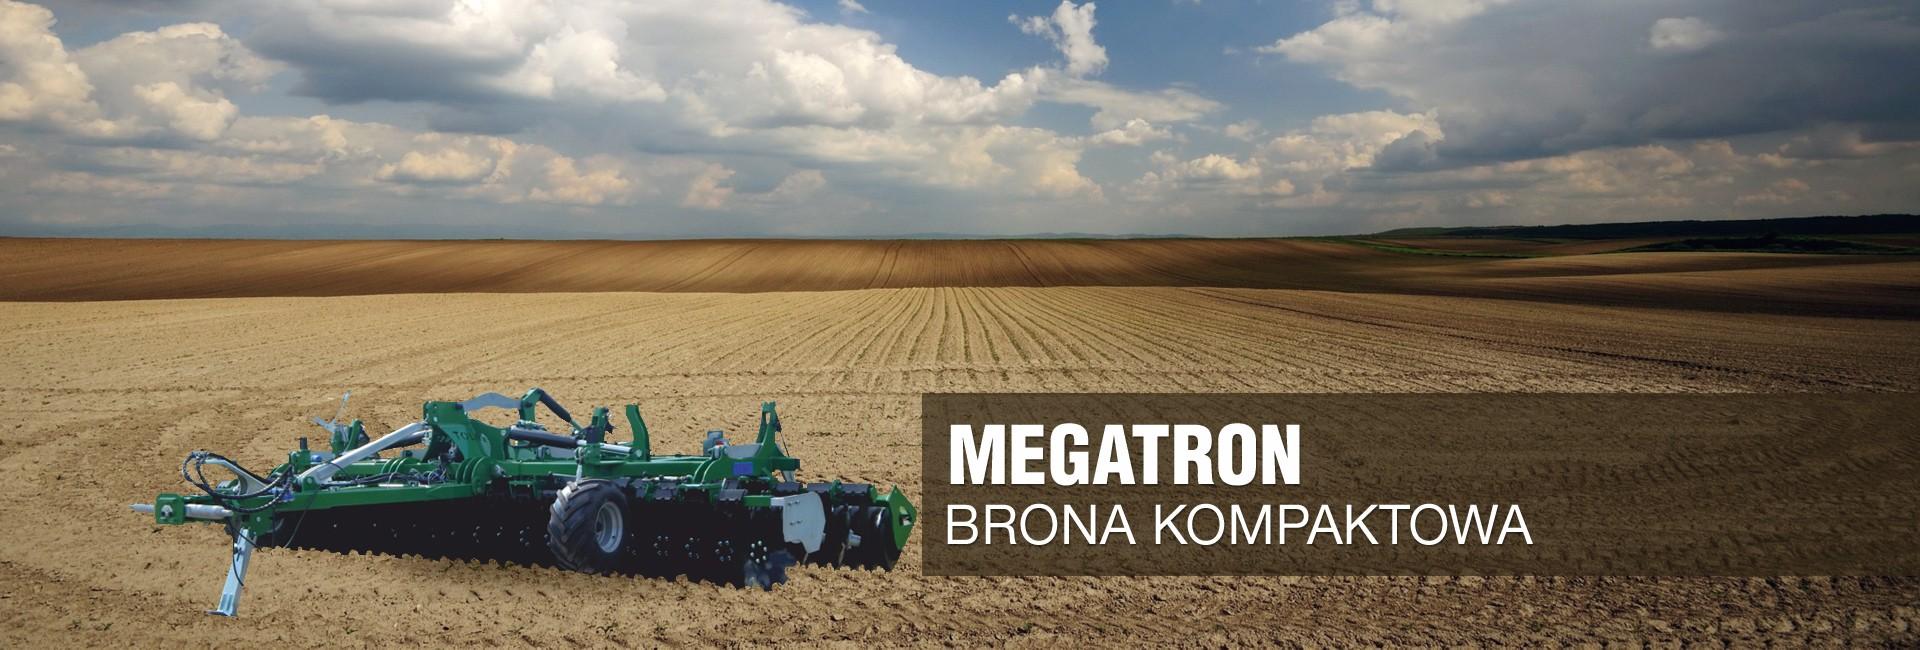 Brona kompaktowa hydrauliczna MEGATRON